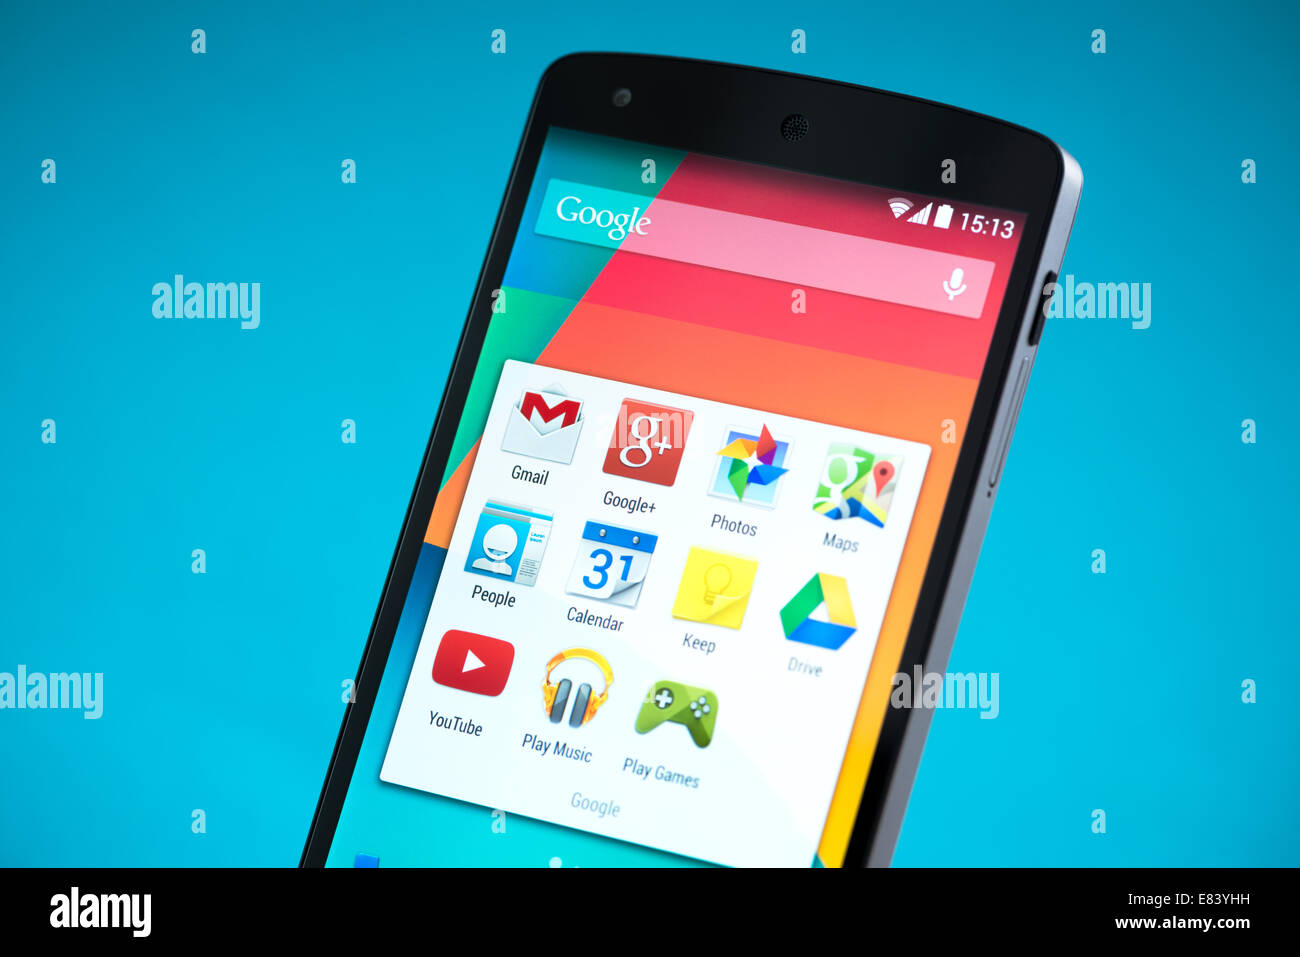 Primer plano de nuevo Google Nexus 5, alimentado por la versión 4.4 de Android, fabricado por LG Electronics Foto de stock